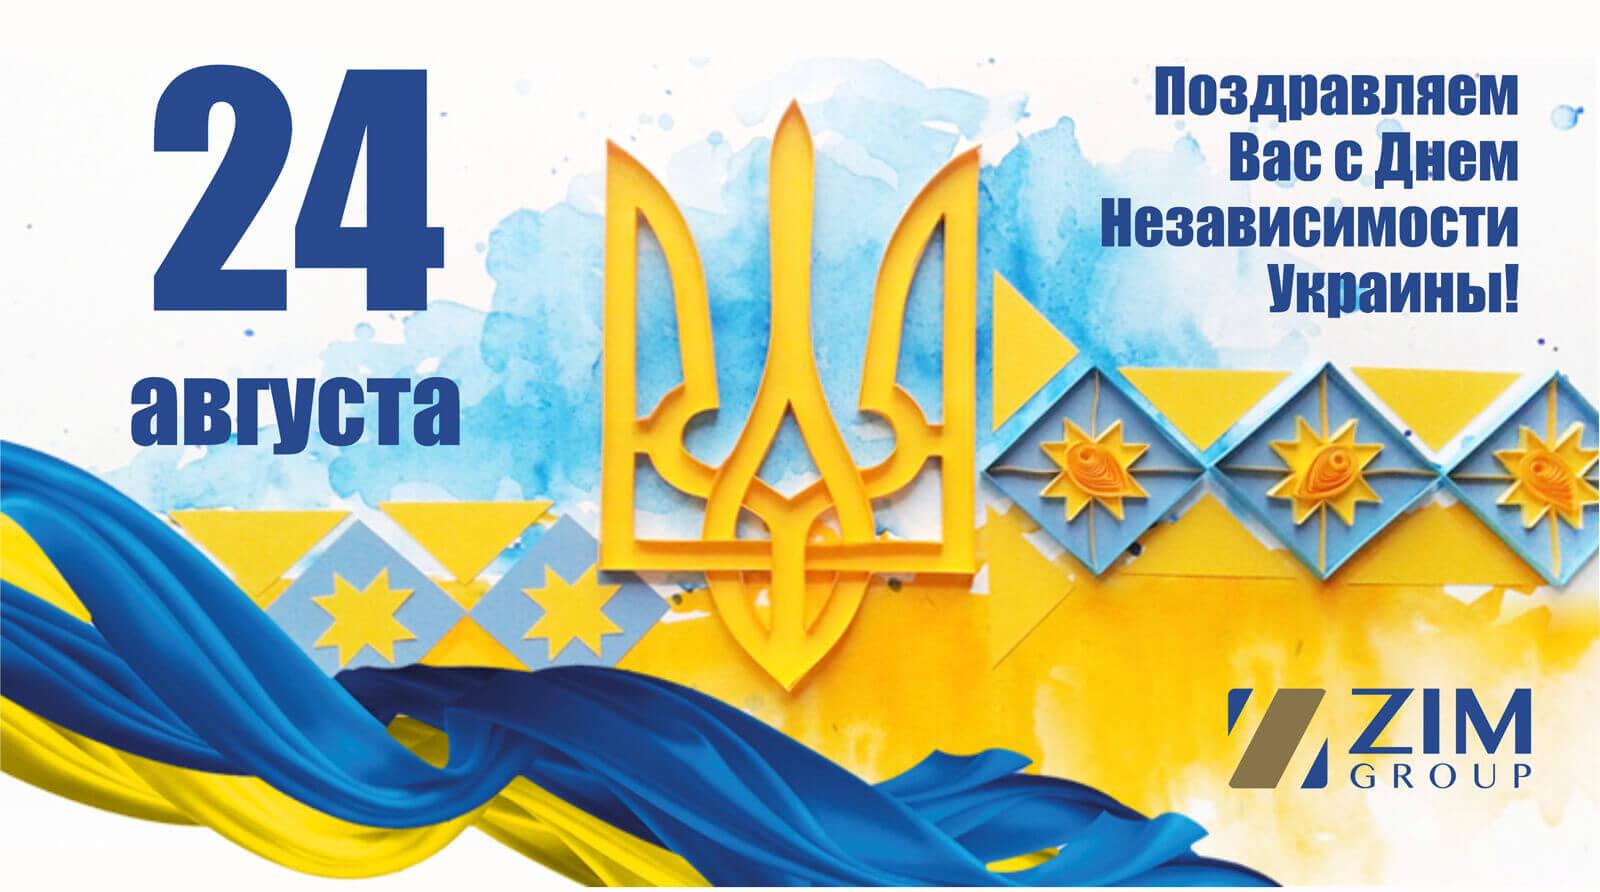 Поздравление с днем независимости украины 46